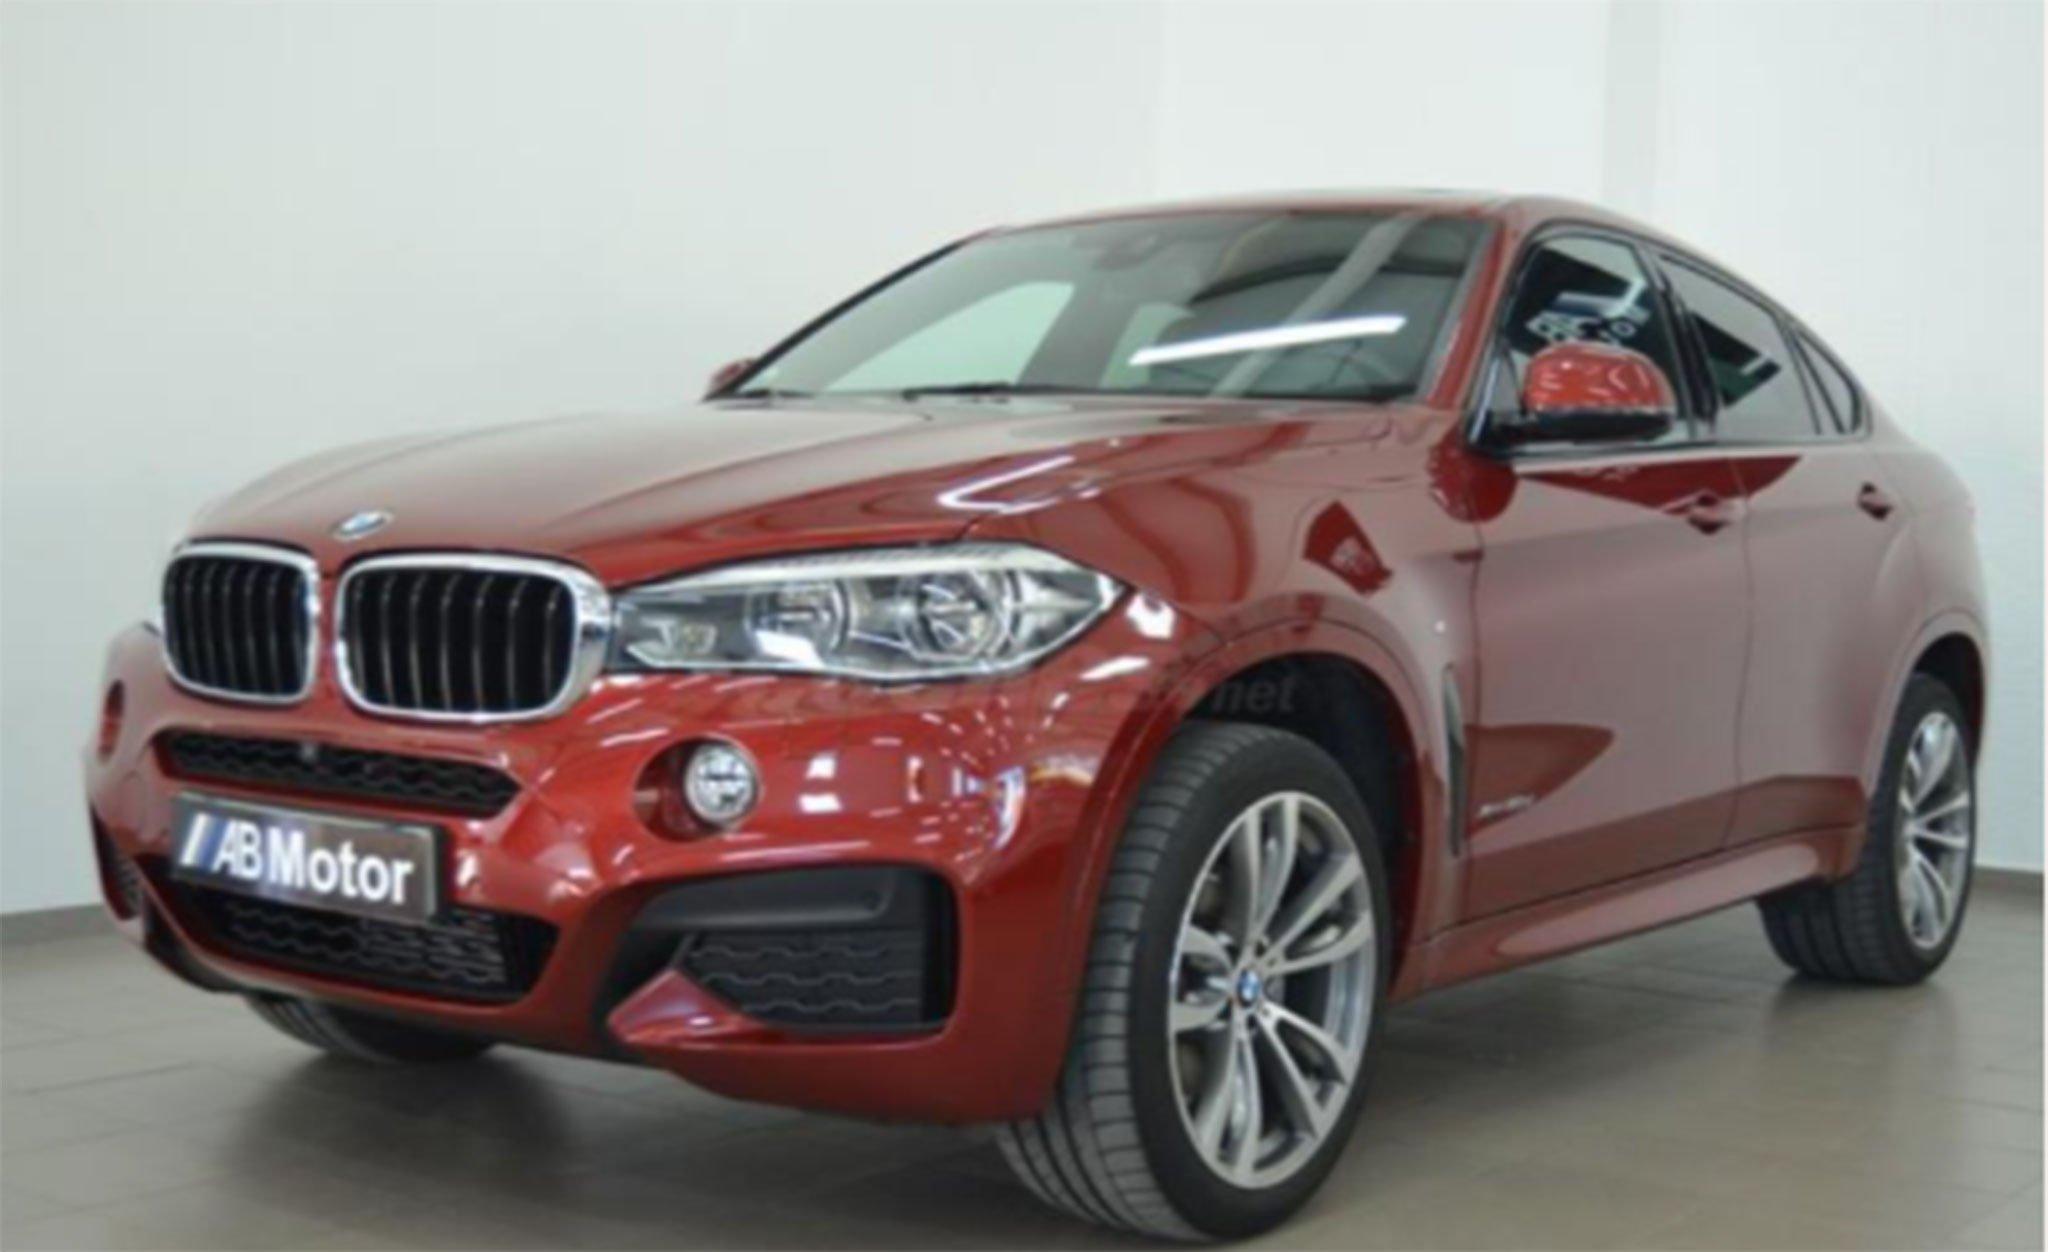 BMW X6 xDrive30d 5p. - Moteur AB